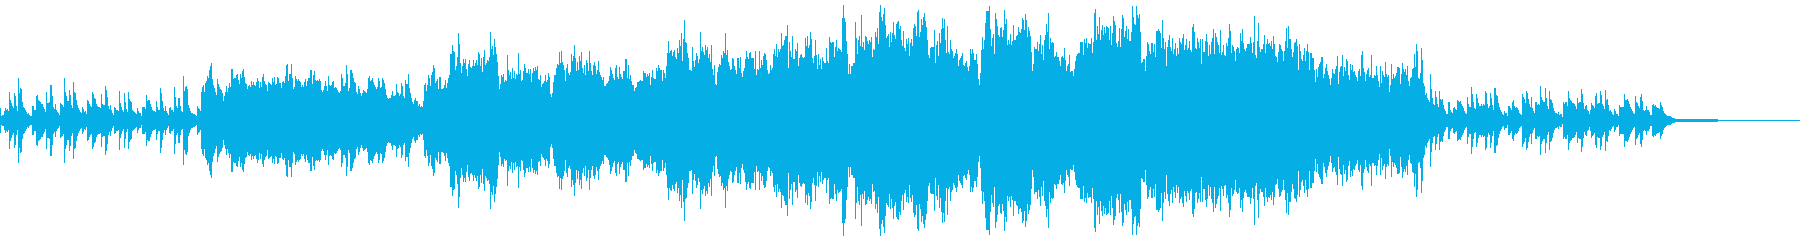 オーケストラとコーラスの感動的なBGMの再生済みの波形